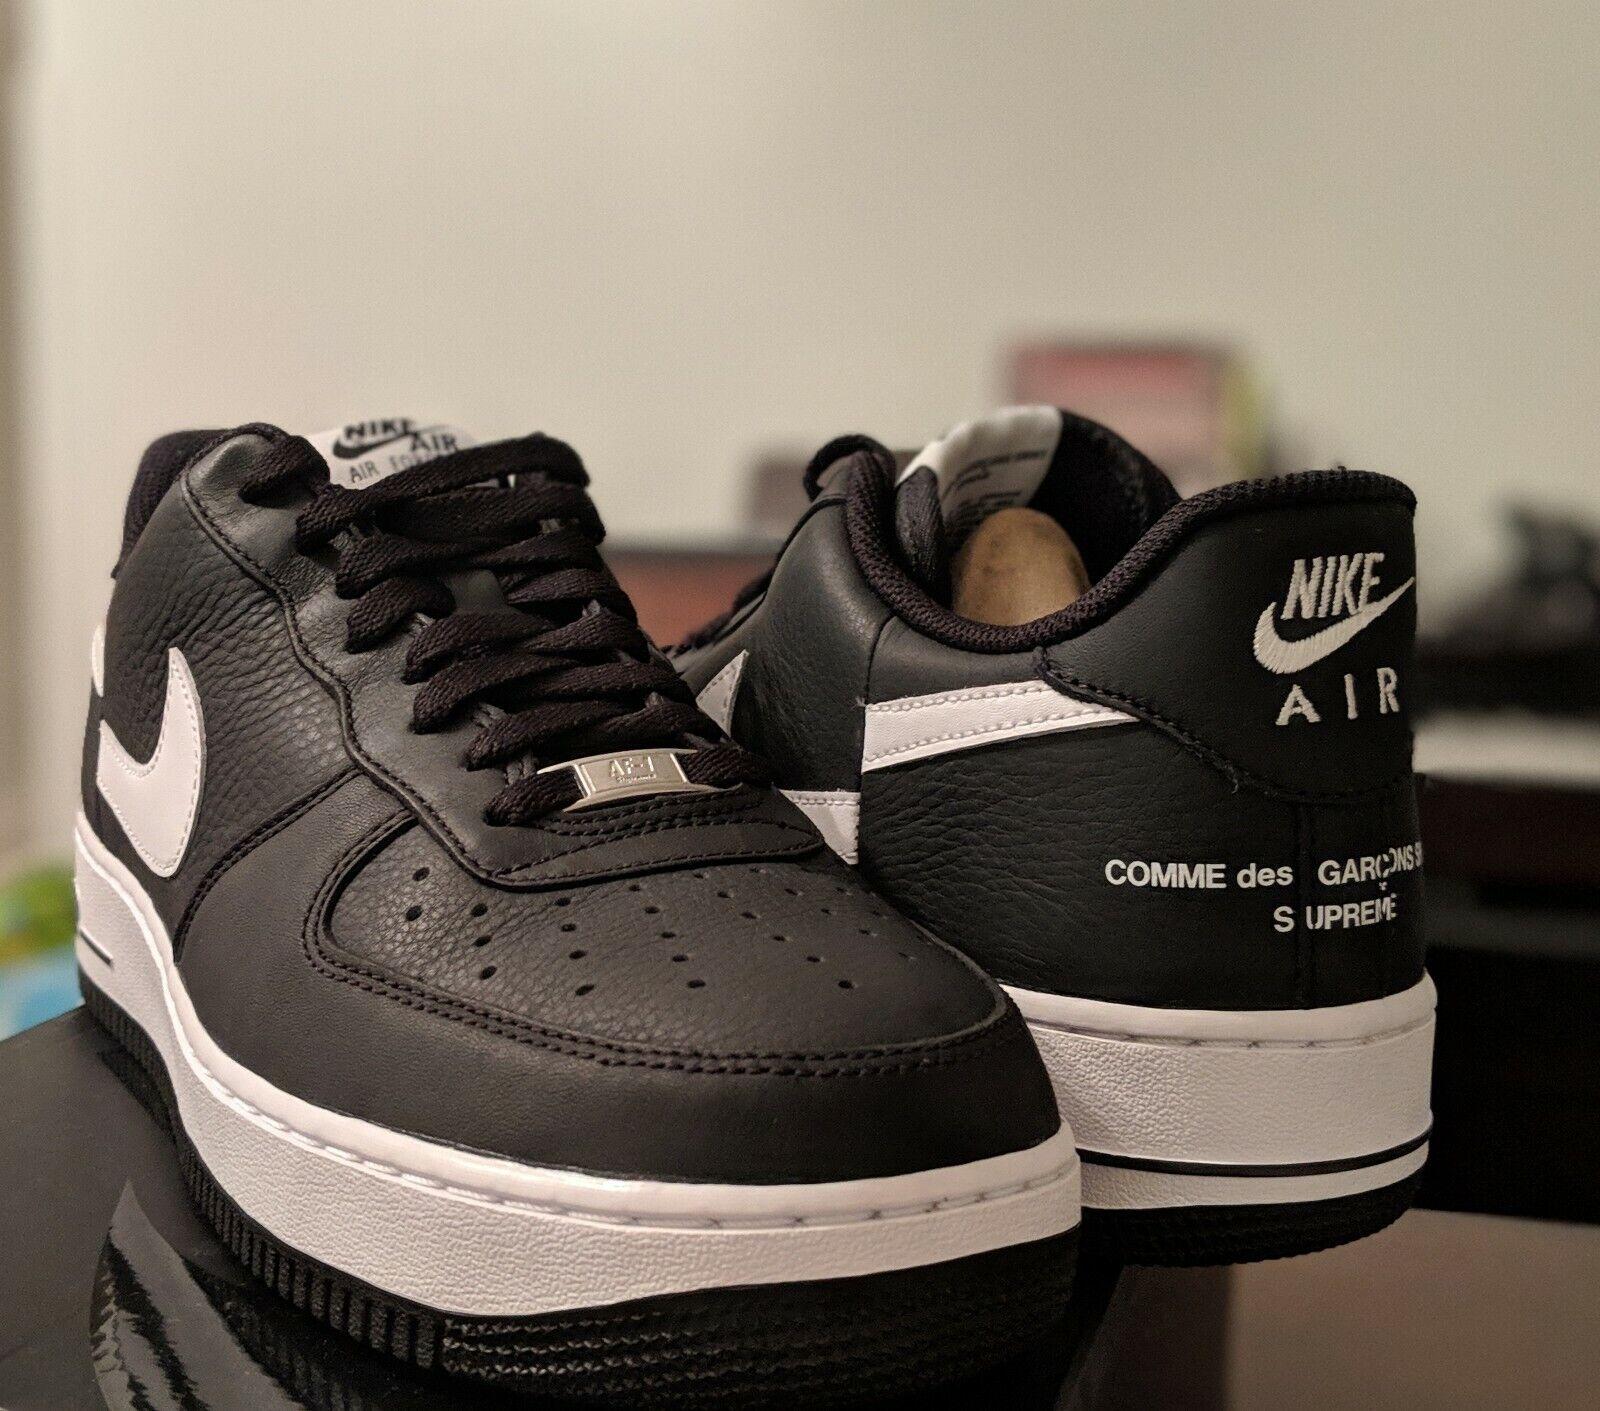 Nike Air Force 1 Low Supreme x Comme des Garcons Black Size 11